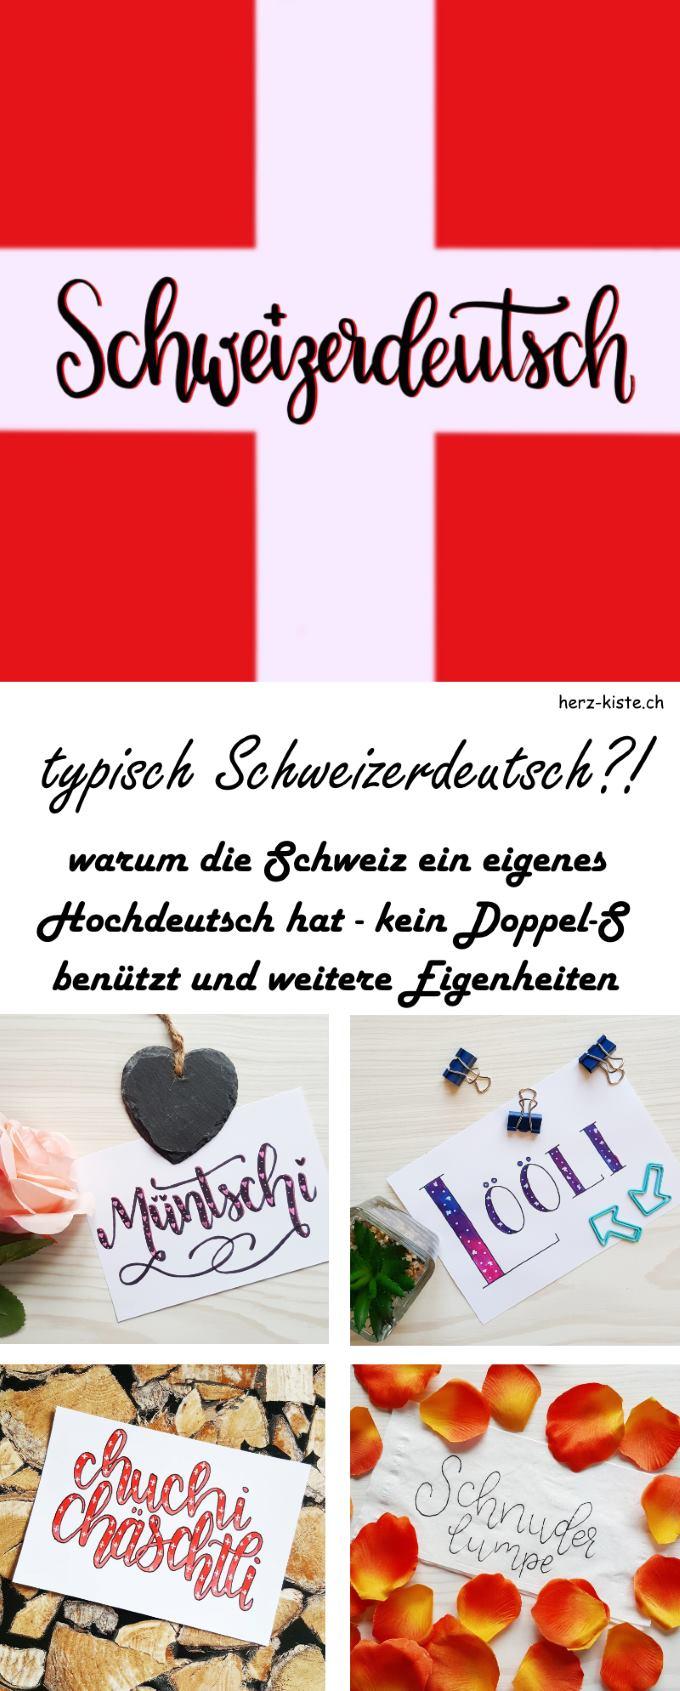 Schweizerdeutsch?! Was es mit den Eigenheiten dieser Sprache auf sich hat lest ihr in diesem Beitrag. Typisch Schweizerdeutsch sind nicht nur das ch und das li - sondern auch Helvetismen und weitere Eigenheiten.